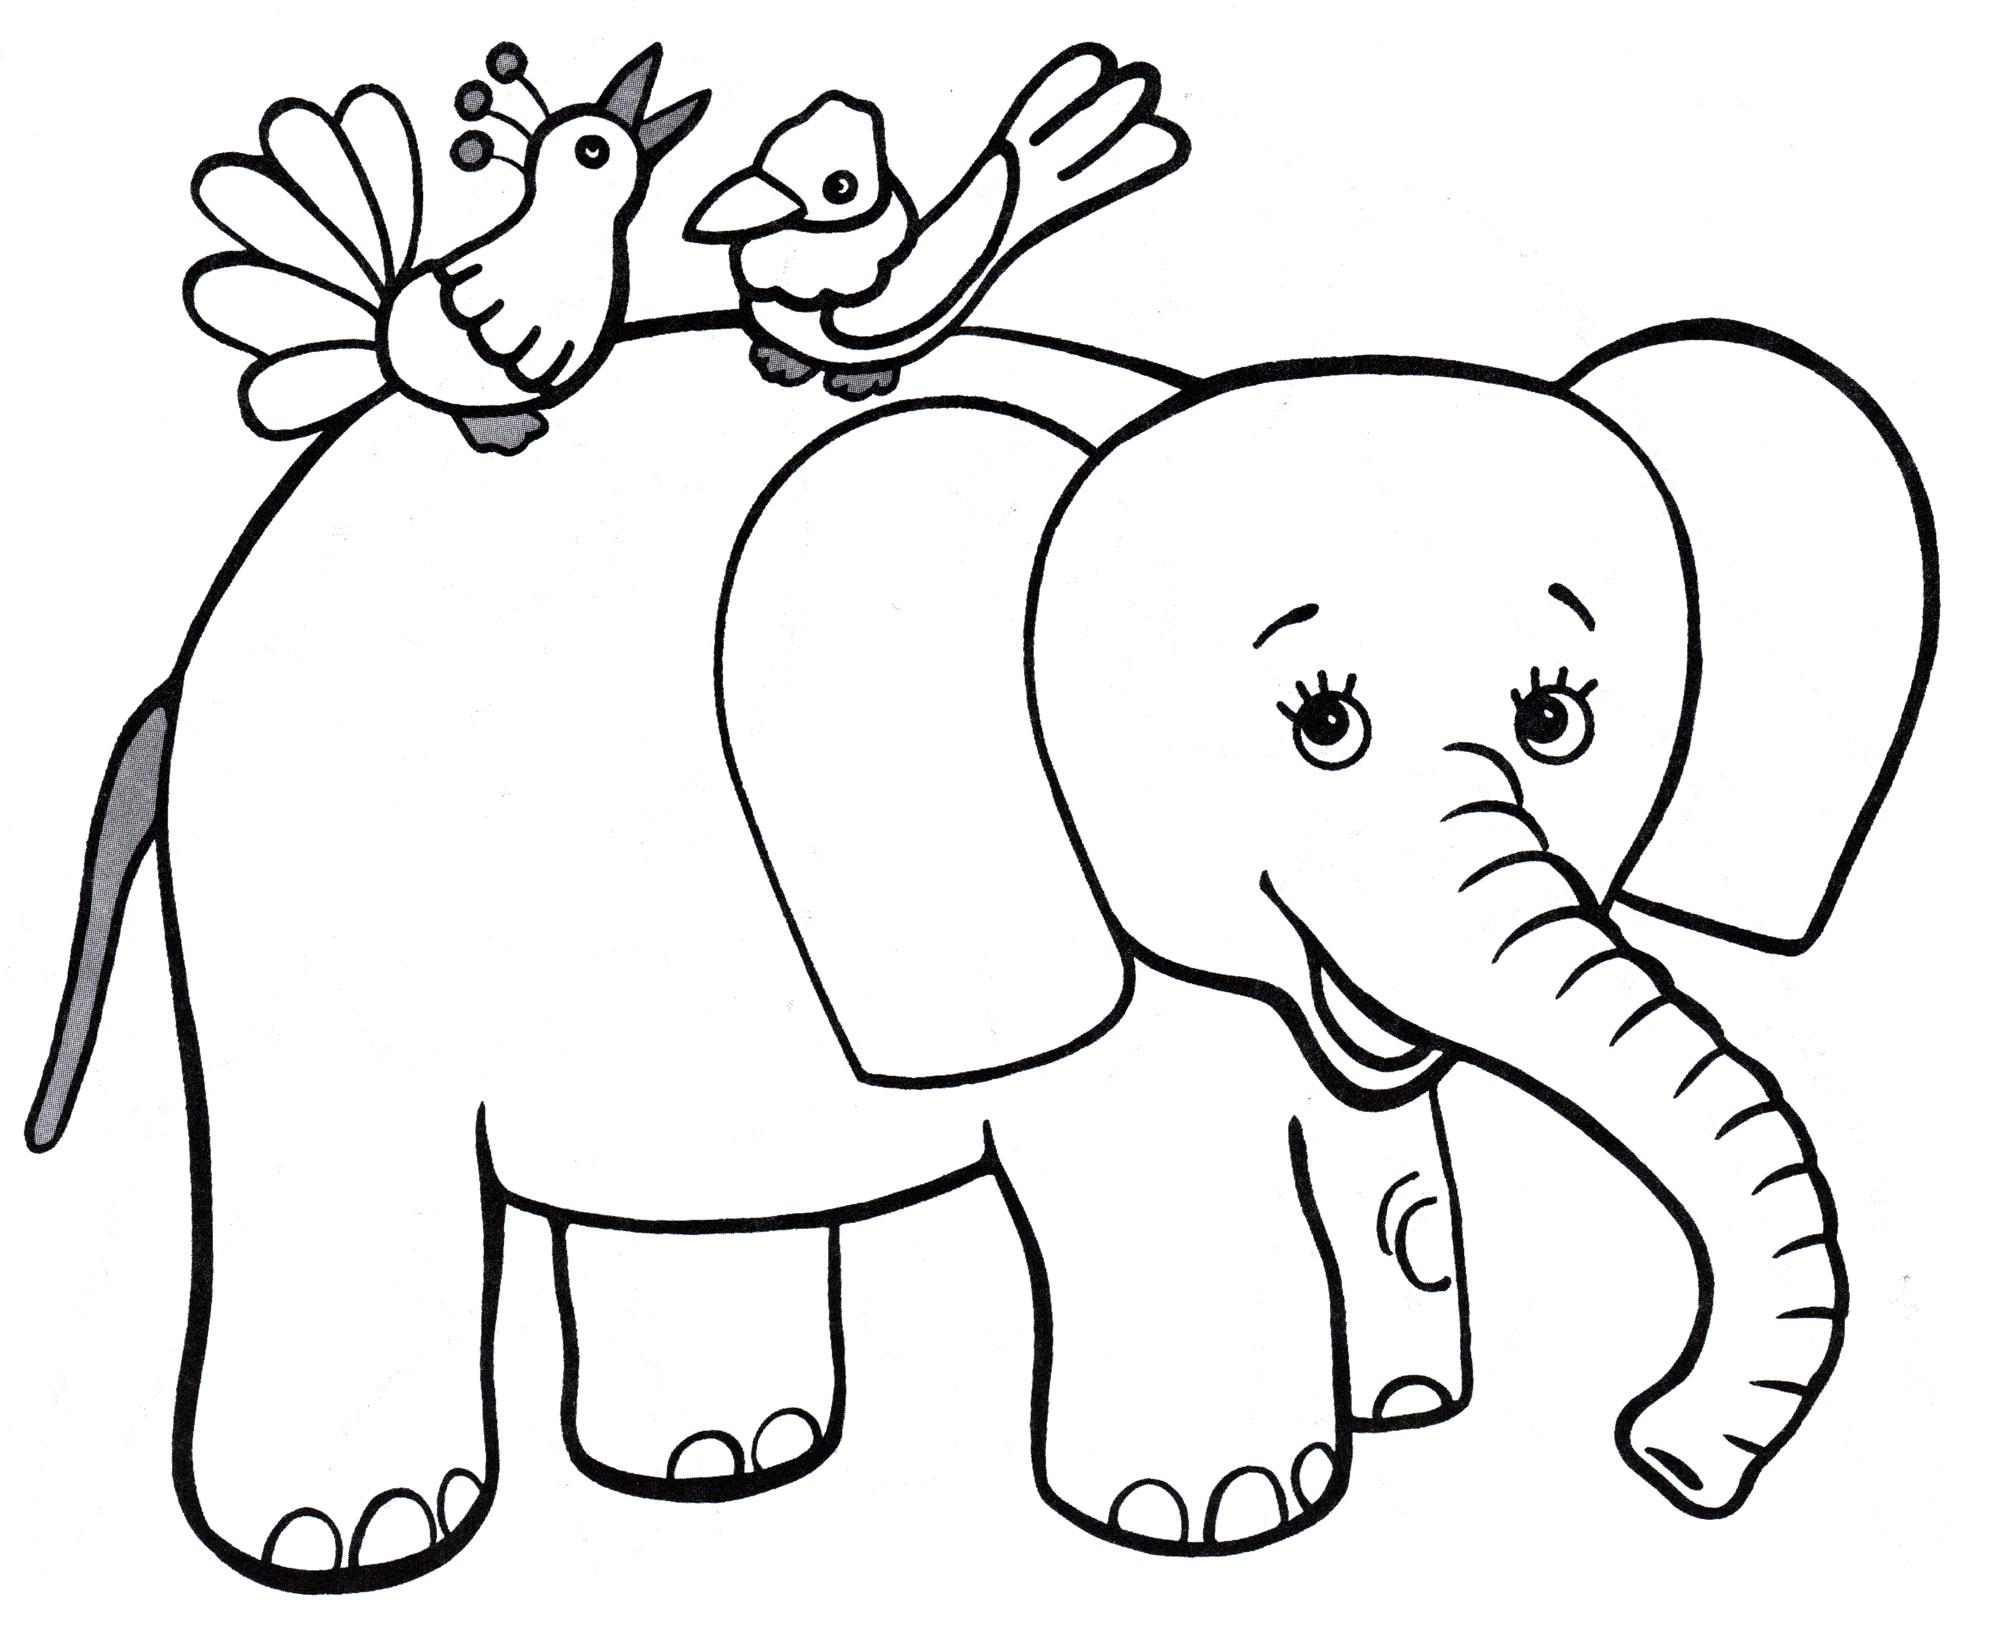 Раскраска слоники распечатать картинки объятия